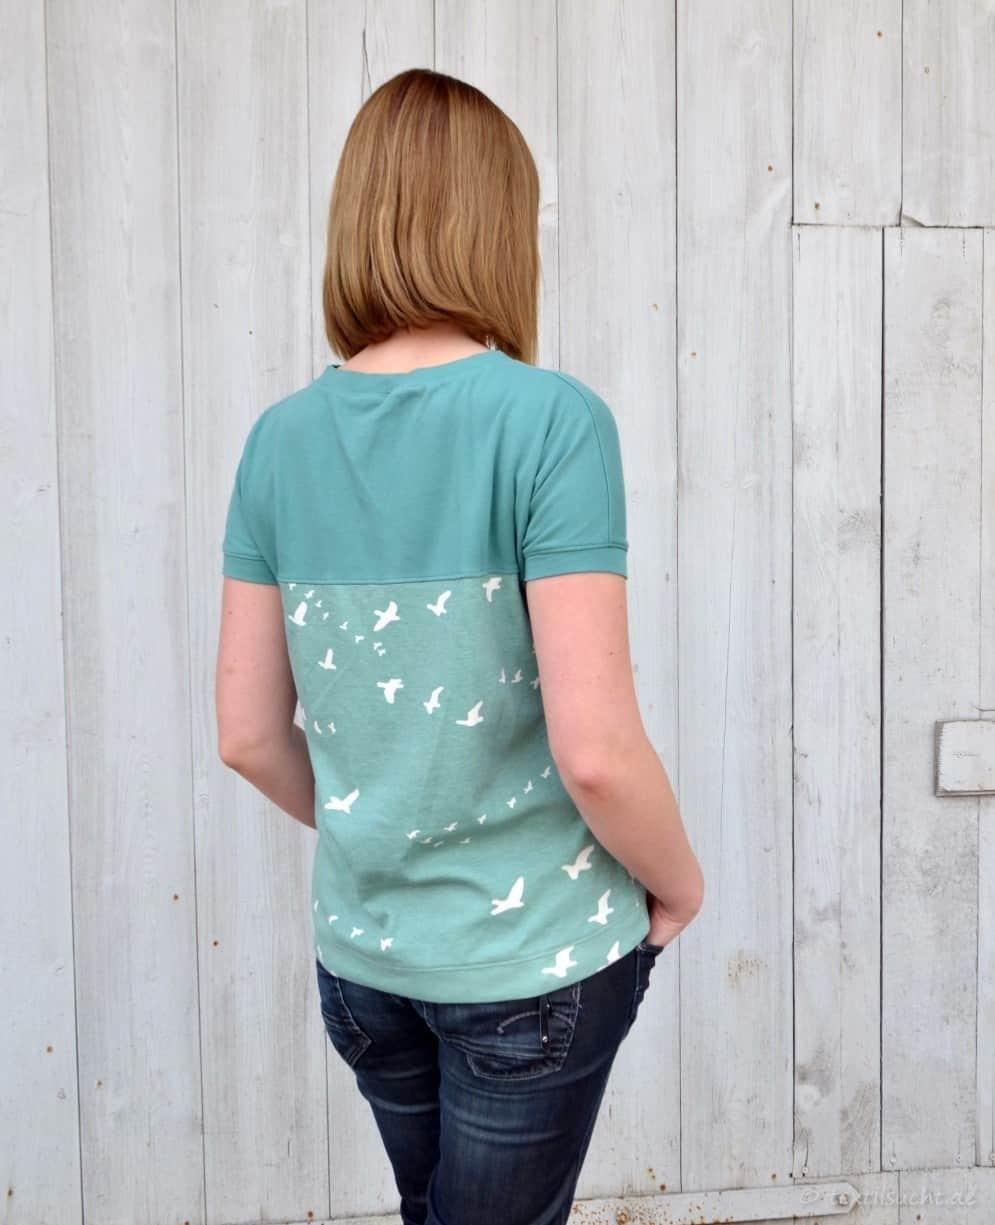 Schnittmuster Kurzarmschirt - Amylee von textilsucht